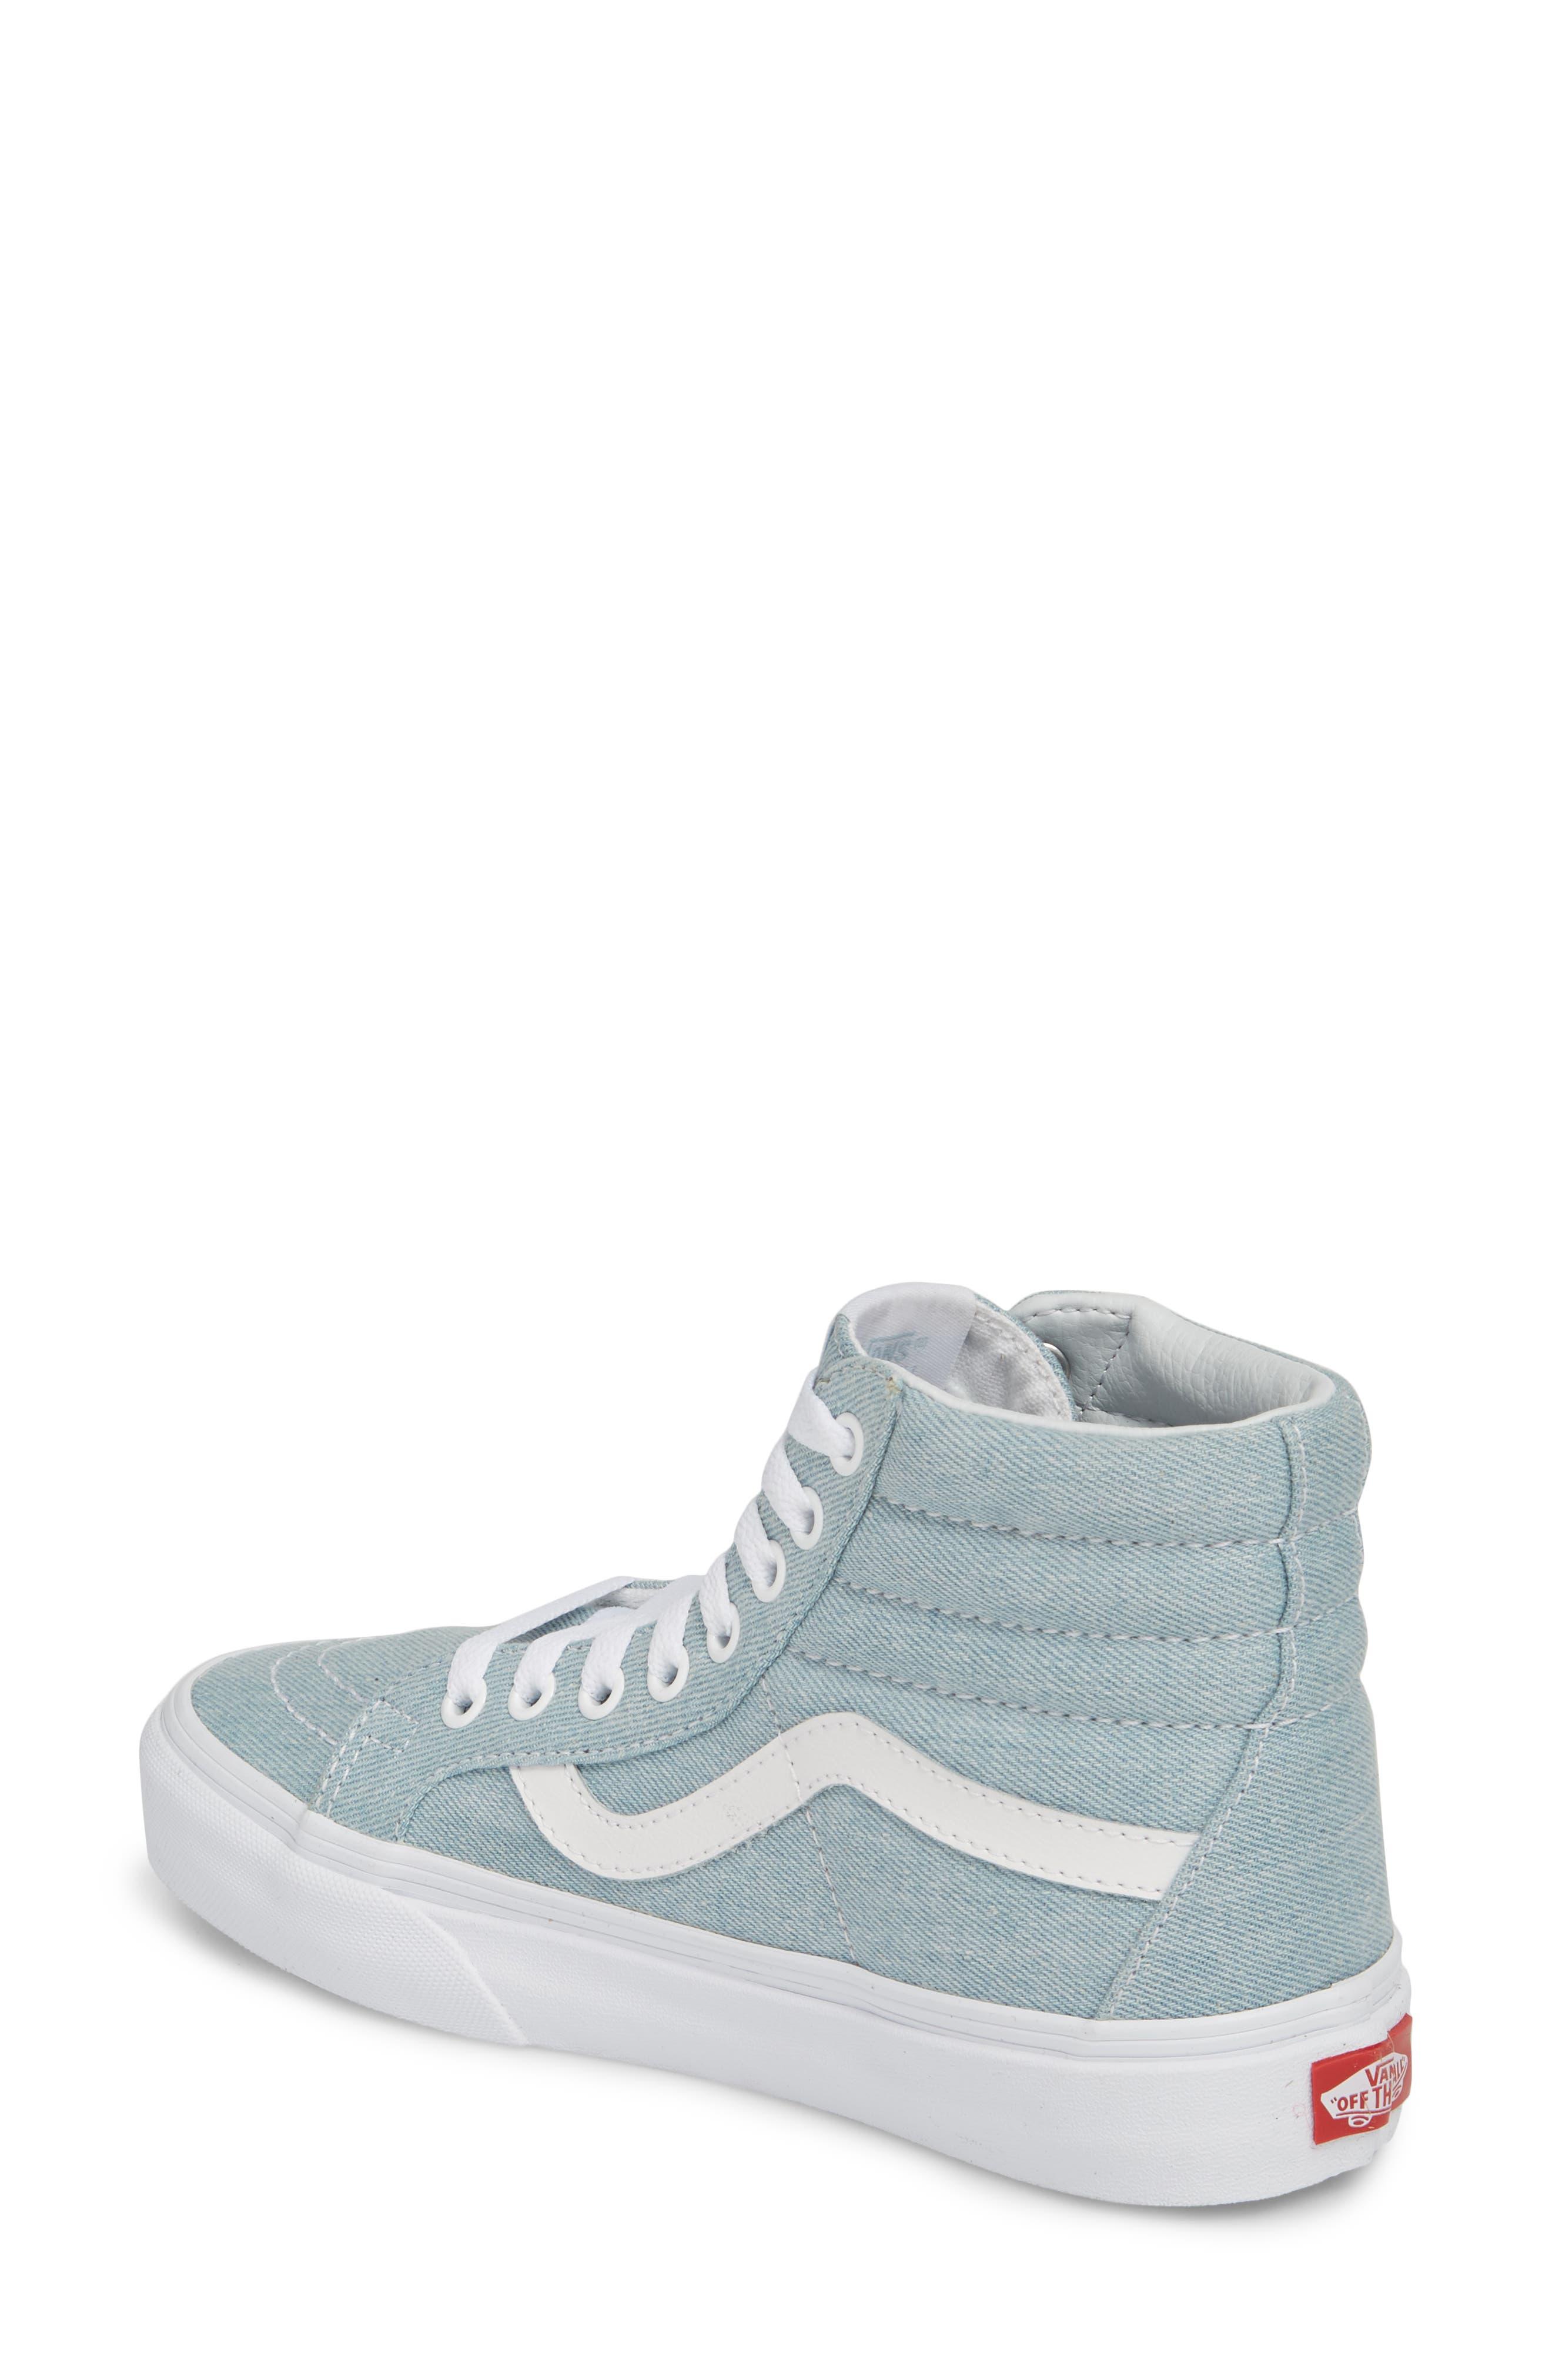 'Sk8-Hi Reissue' Sneaker,                             Alternate thumbnail 2, color,                             Denim Baby Blue